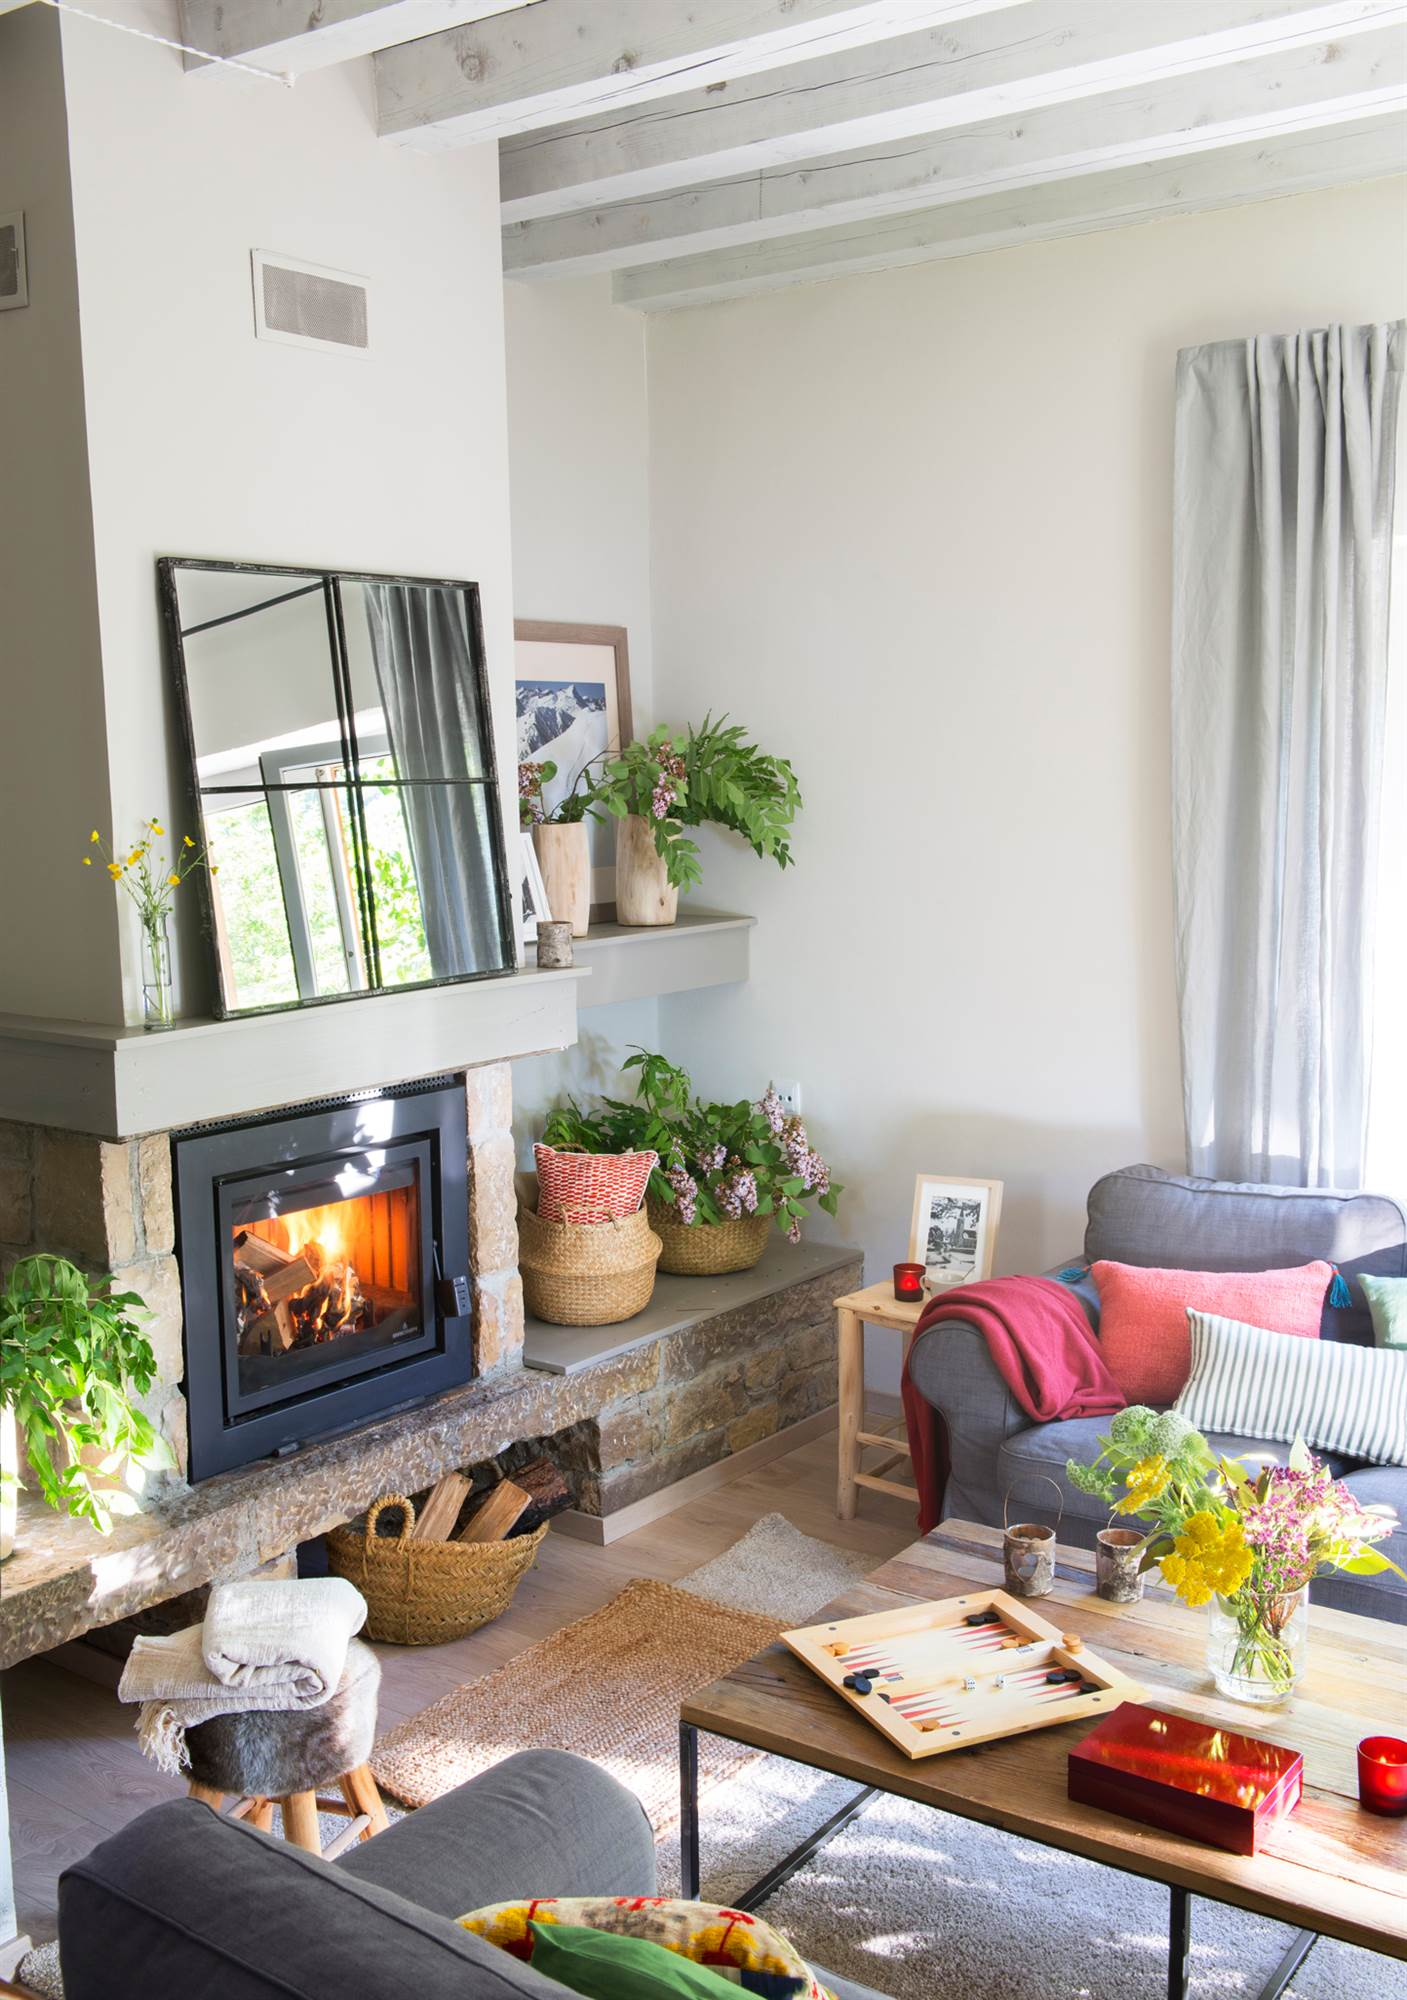 15 salones con chimenea para el invierno - Chimeneas para decorar ...